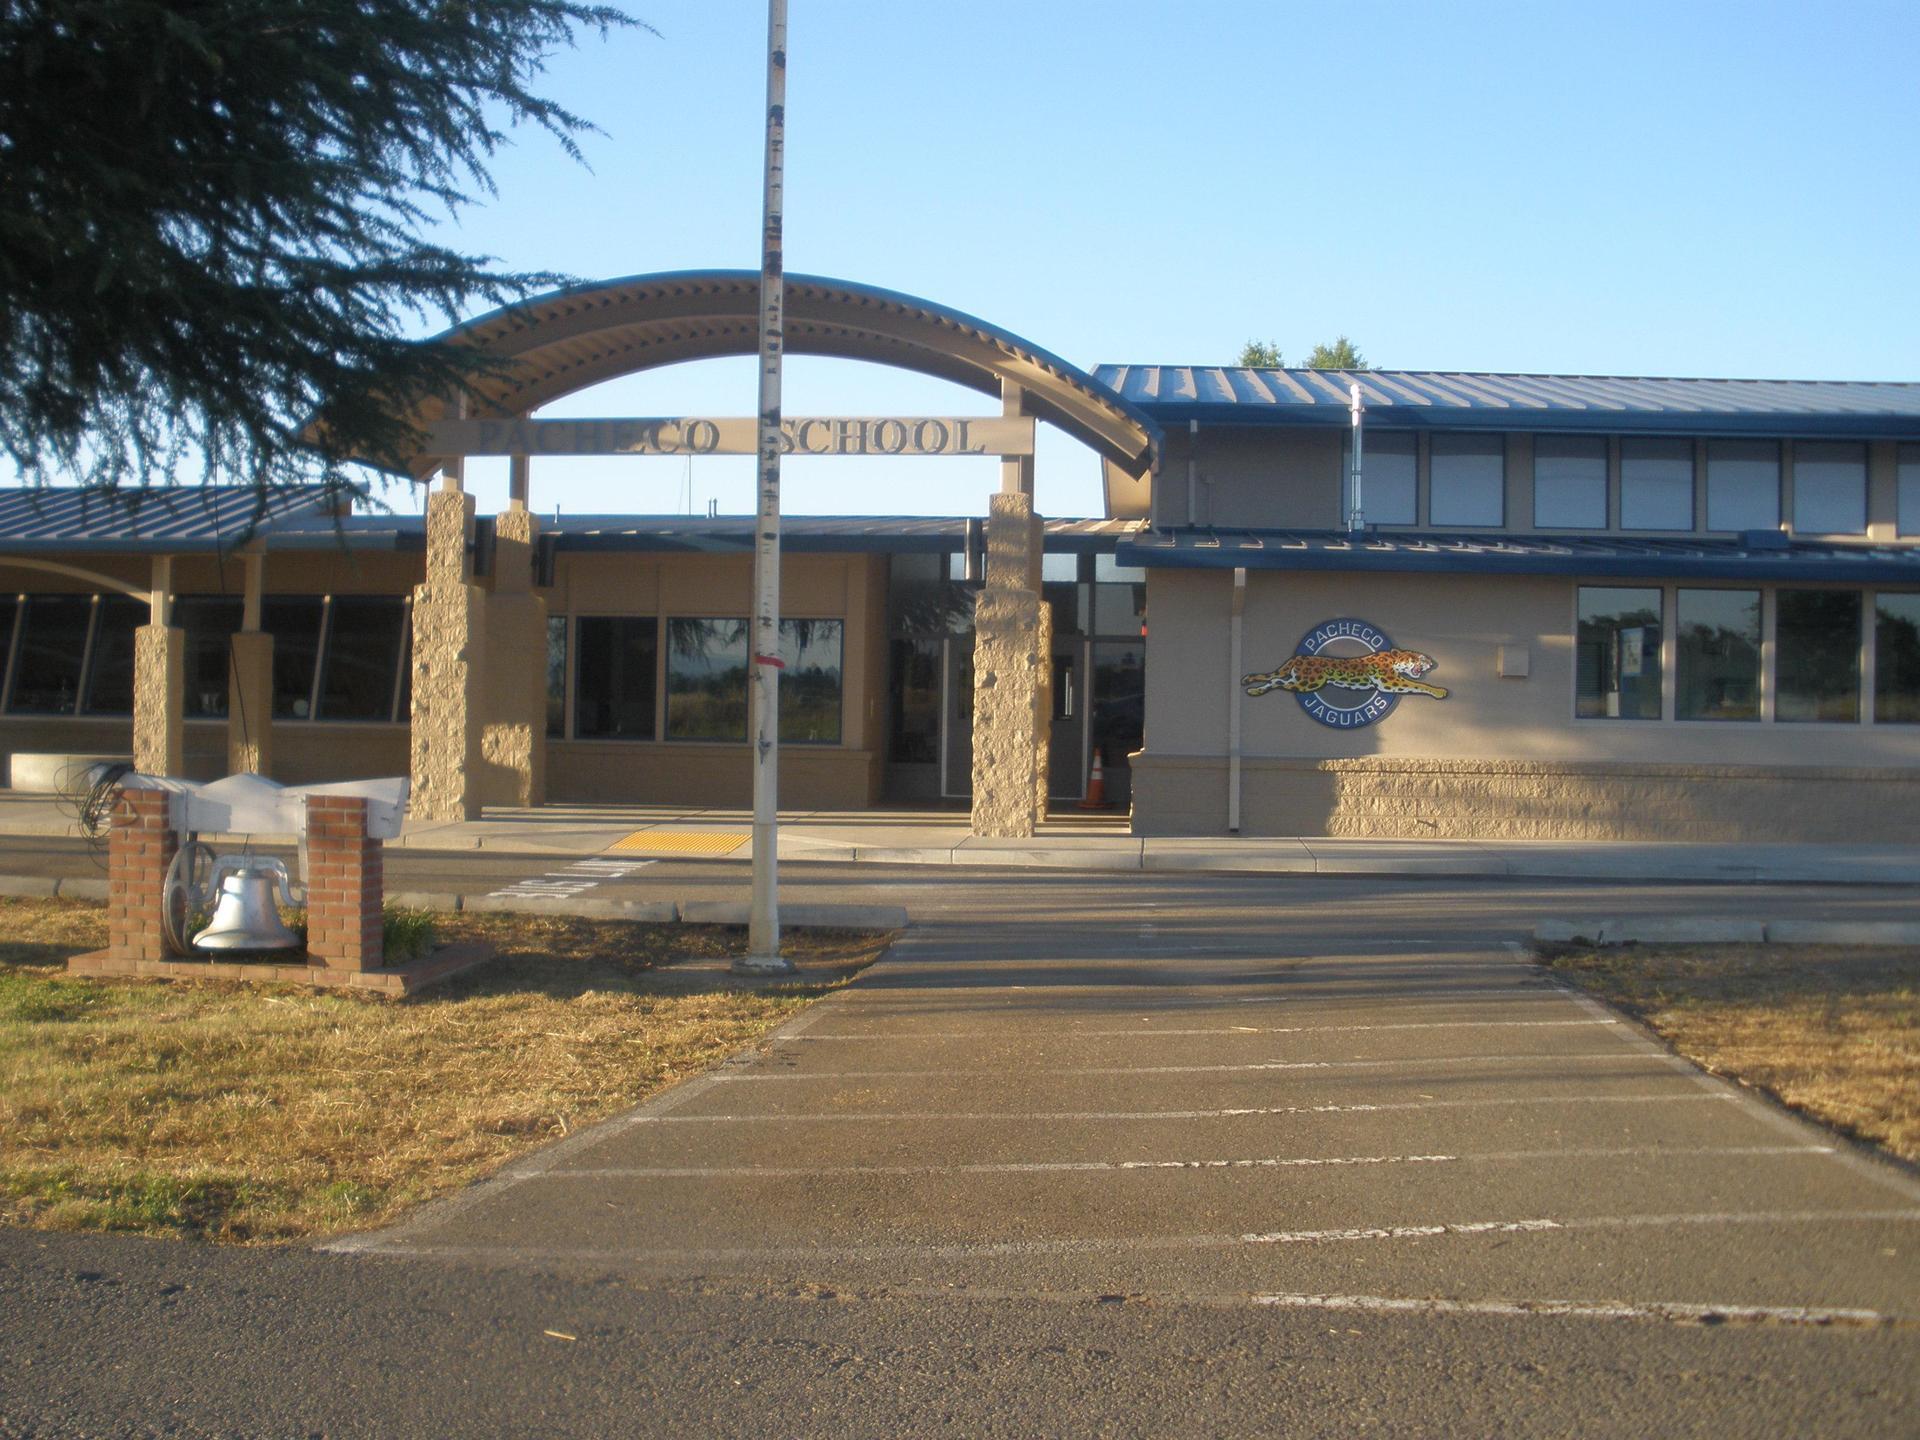 Pacheco School